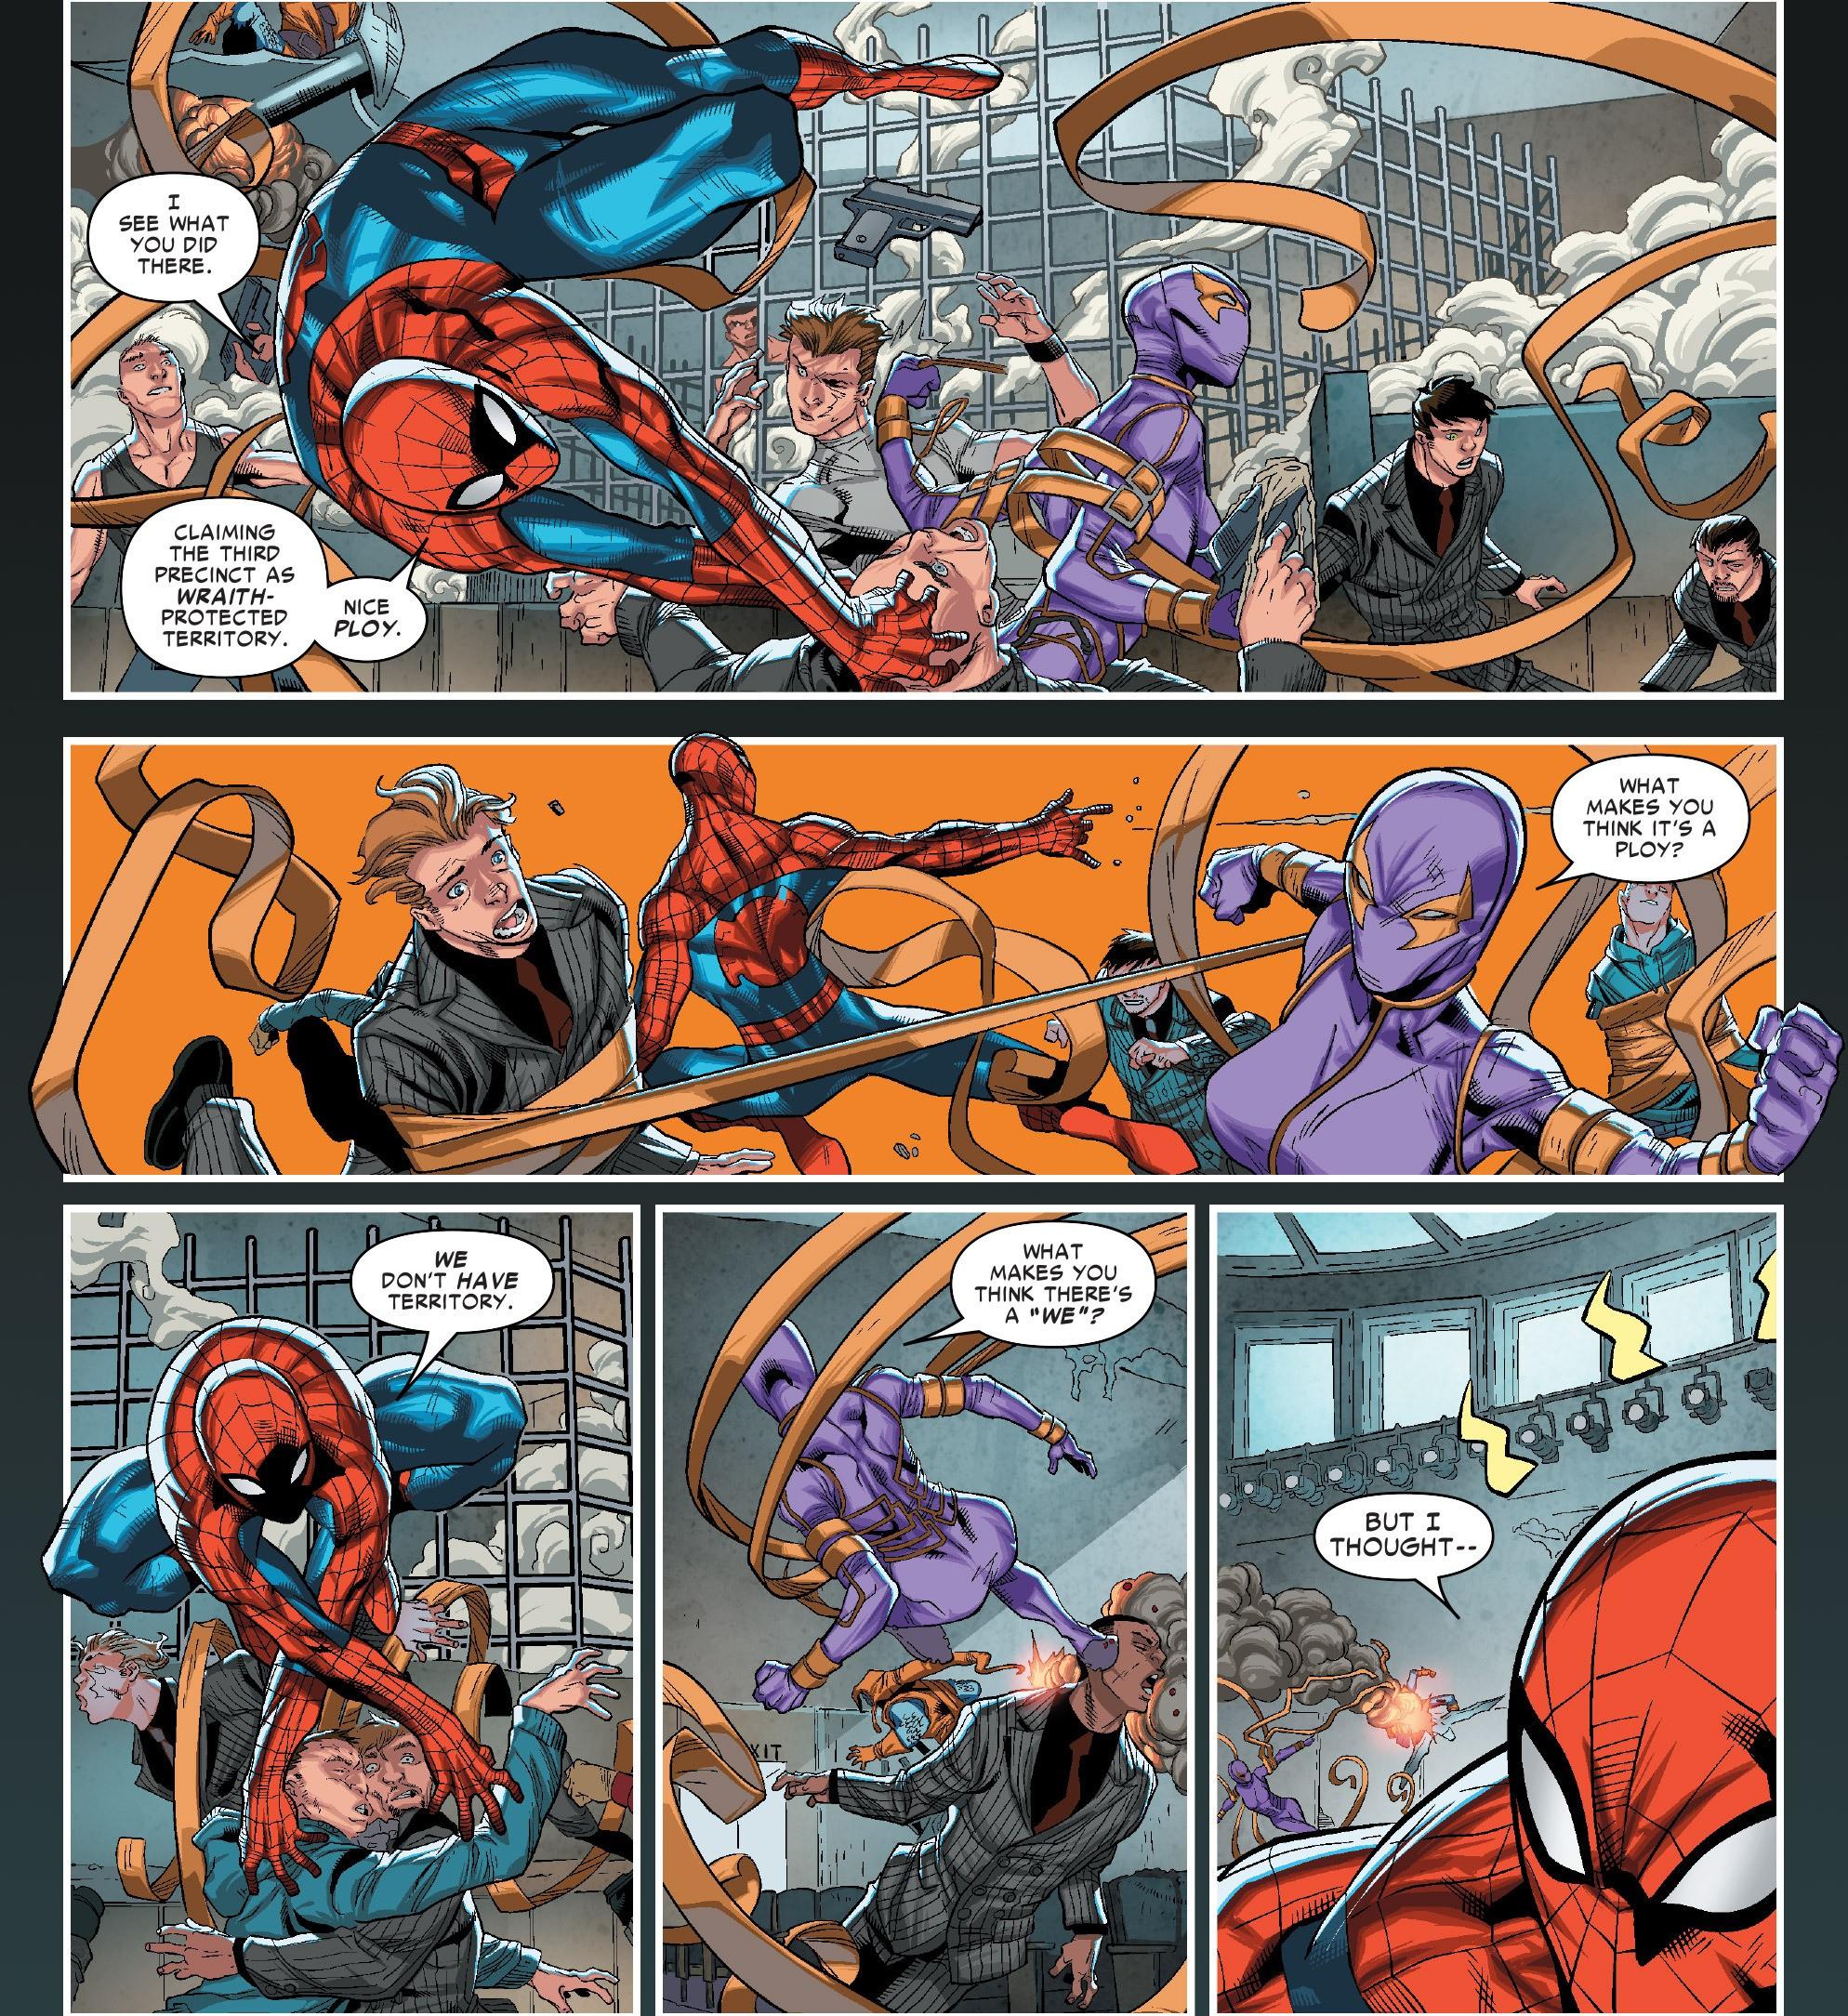 AmazingSpider-Man#17.1--p17